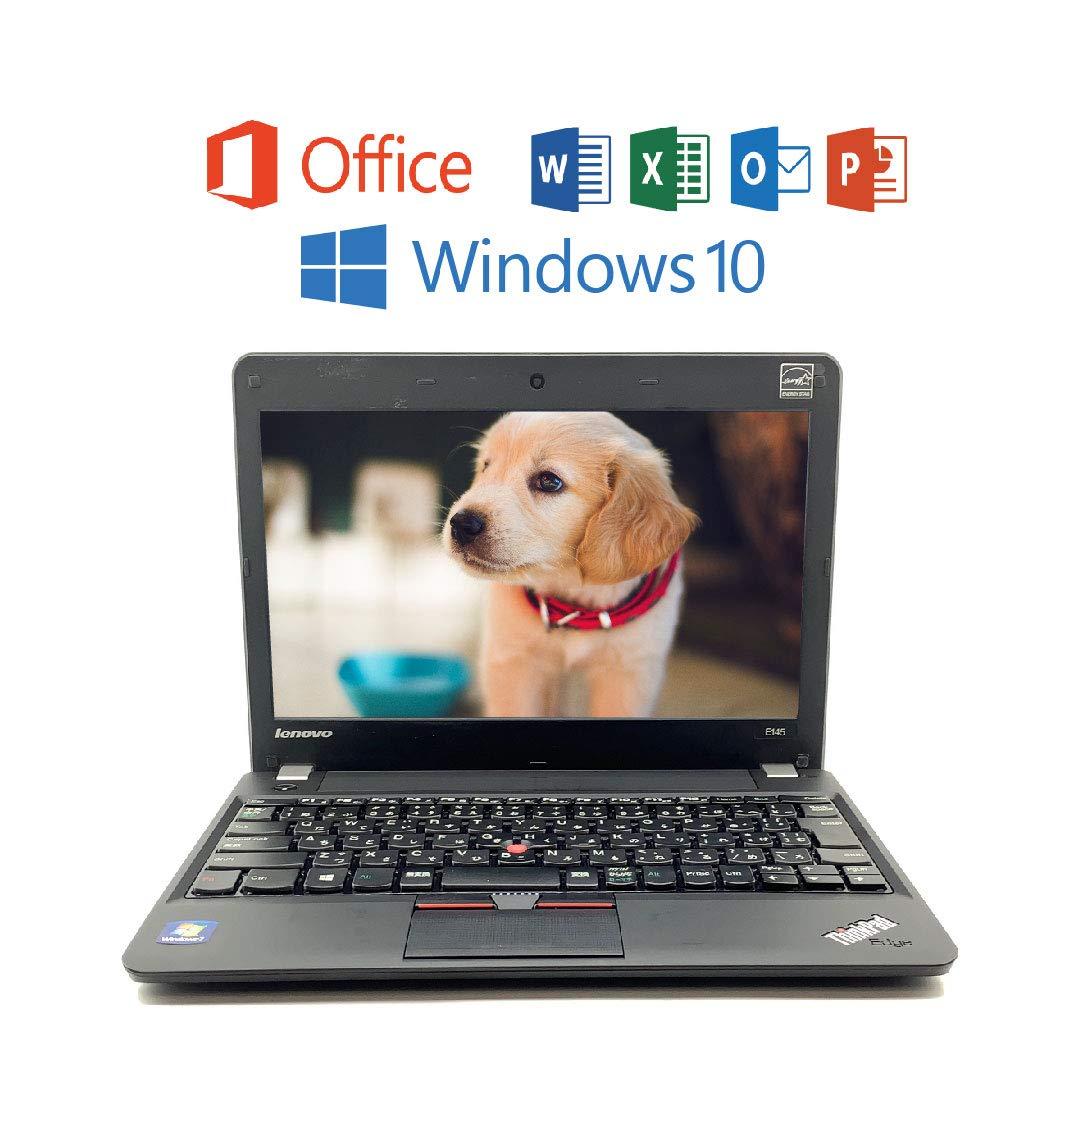 完売 Microsoft OFFICE 2016 搭載【Windows 10 10 11.6 Pro搭載】 4 Lenovo ThinkPad E145, AMD E1, 大容量 4 GB メモリ, 320 GB HDD, 無線搭載, USB, 11.6 インチ HD TFT液晶 中古ノートパソコン B07MY2CJNC, Bun!Bo!グ!:7a55284a --- ciadaterra.com